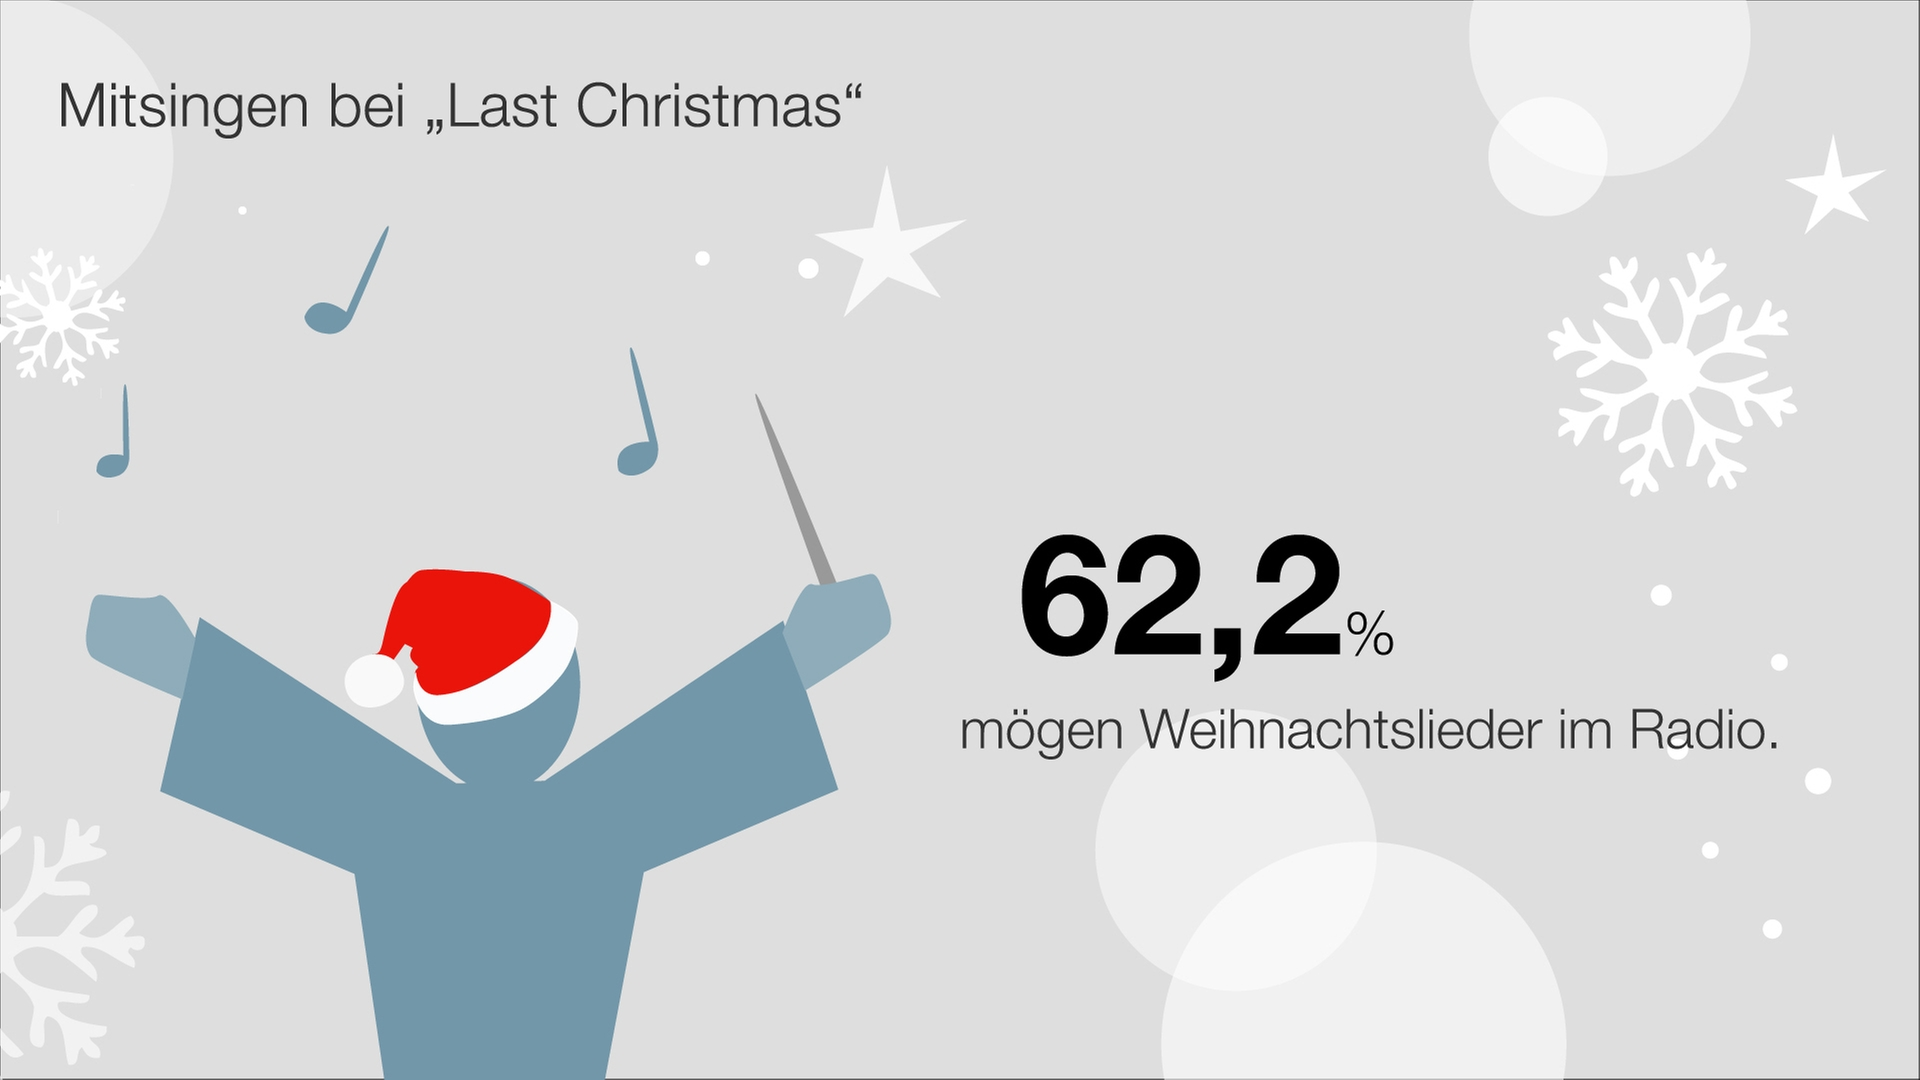 Weihnachten in Zahlen - ZDFmediathek